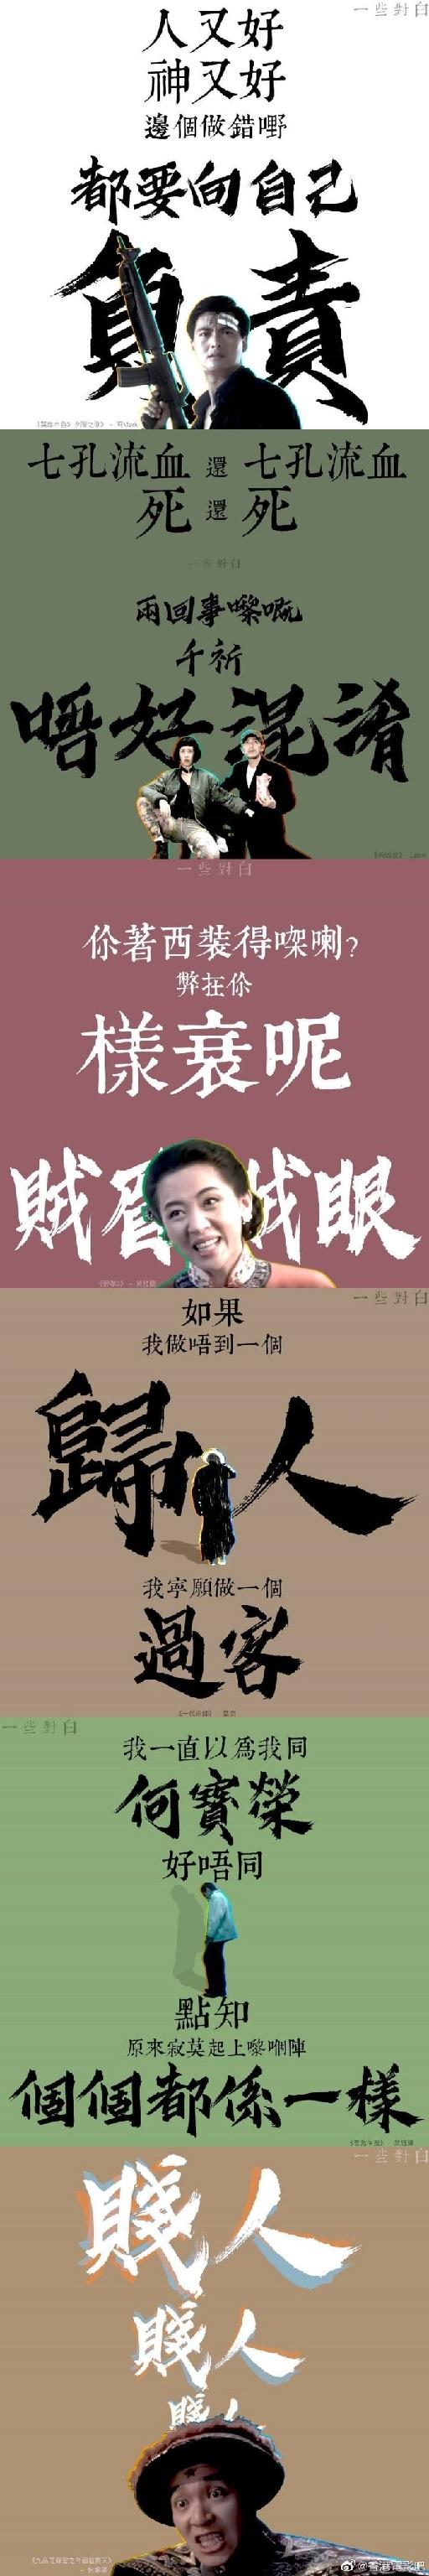 香港映画と台詞5